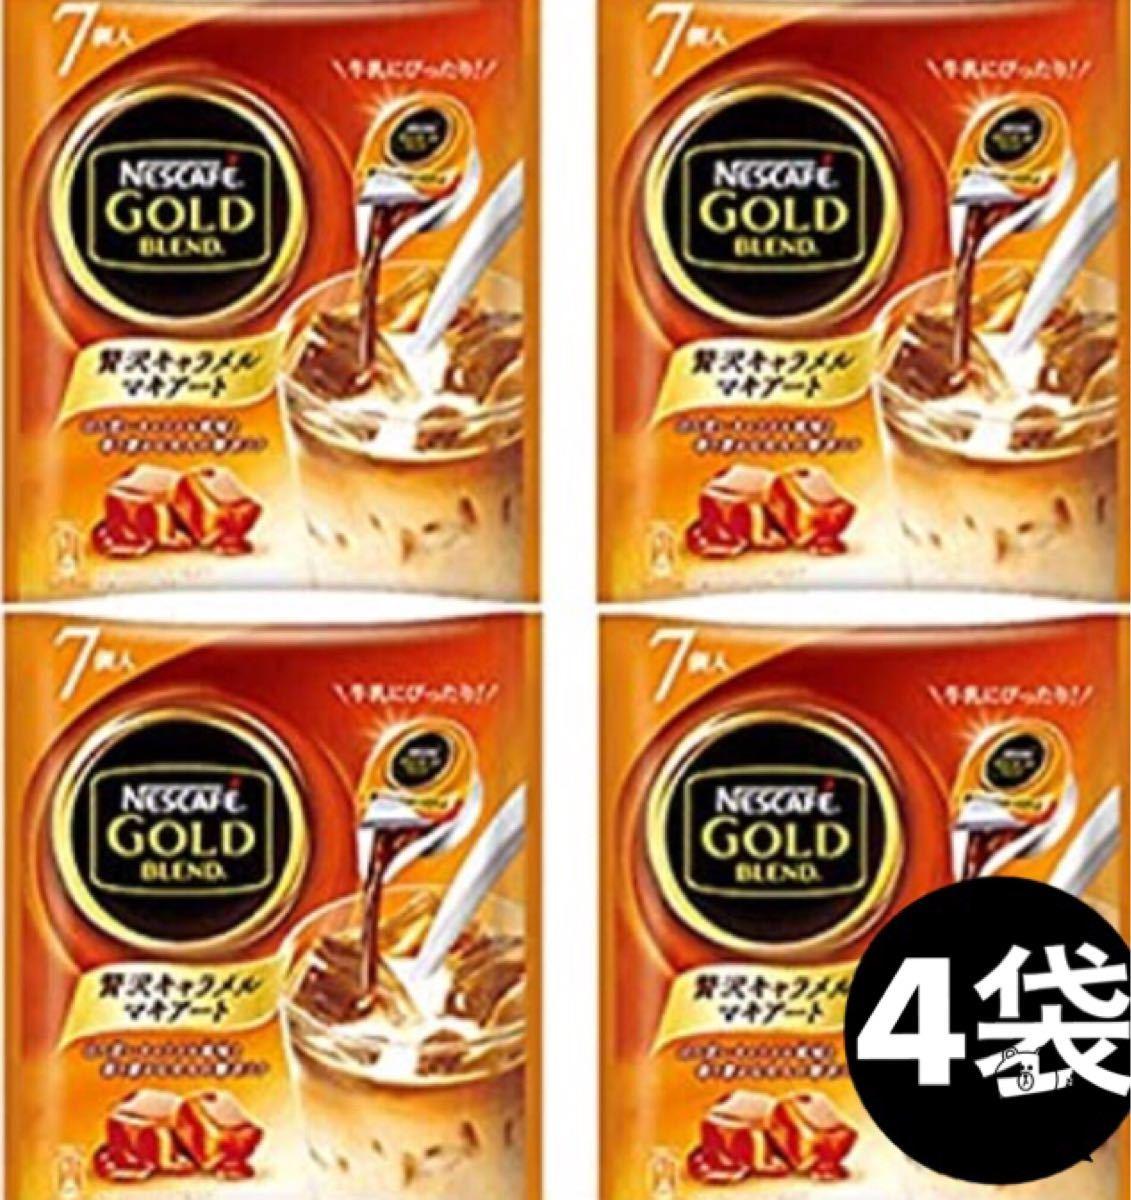 ネスカフェ ゴールドブレンド ポーション 【贅沢キャラメルマキアート 】4袋